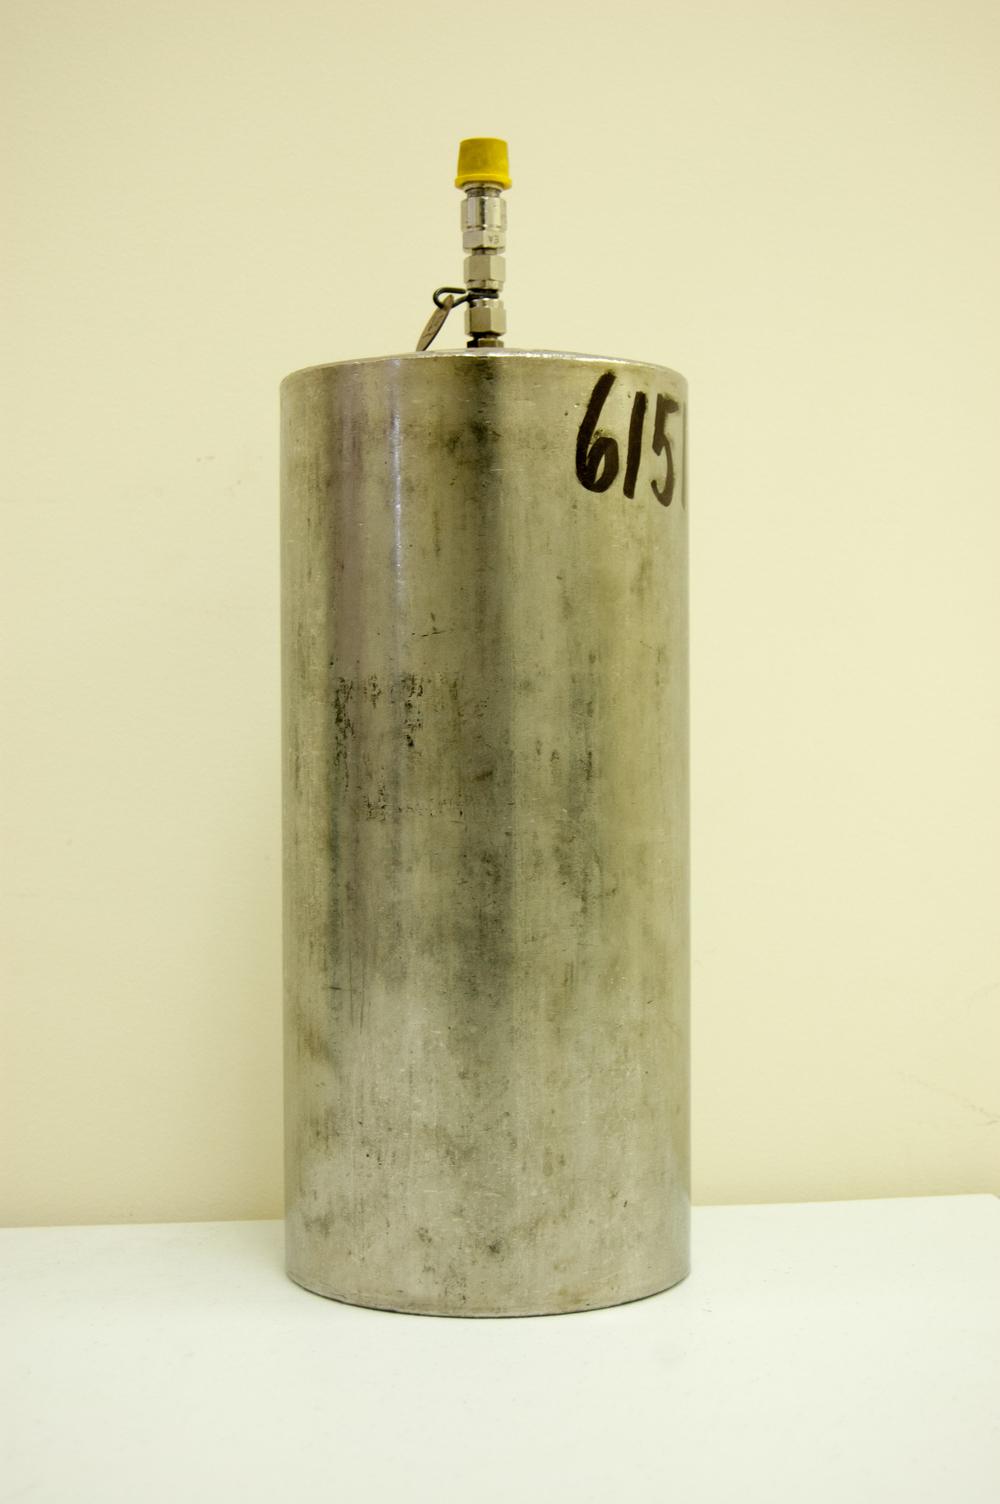 6L tank